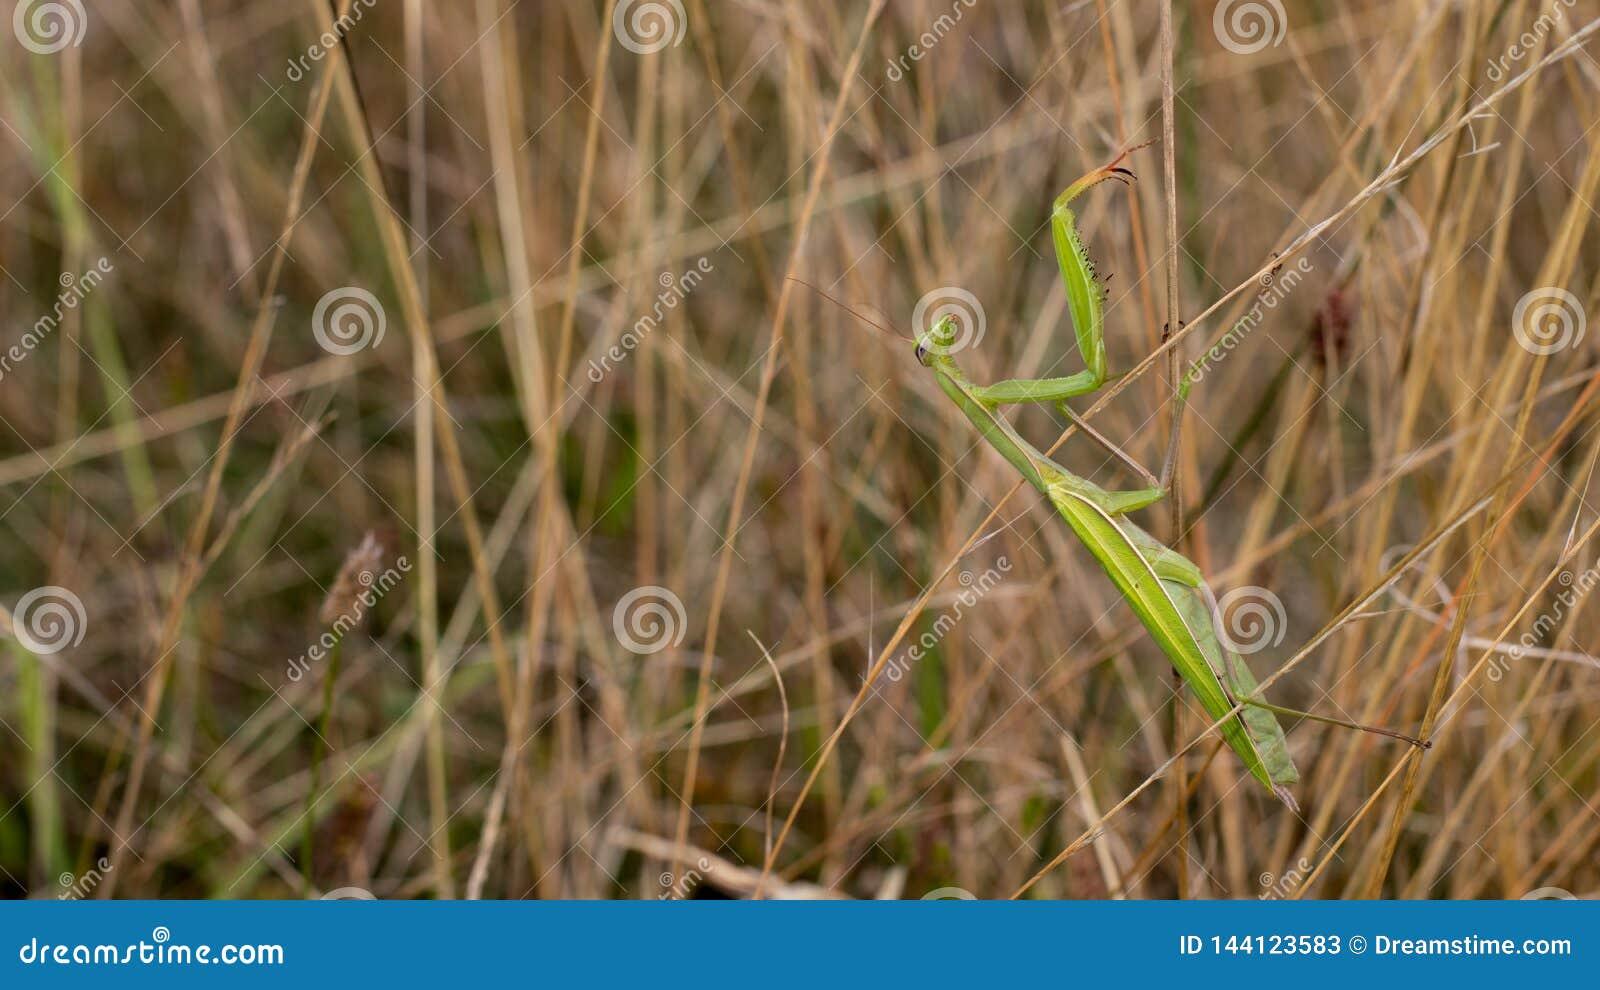 在高草的捕食的螳螂偷偷靠近的昆虫